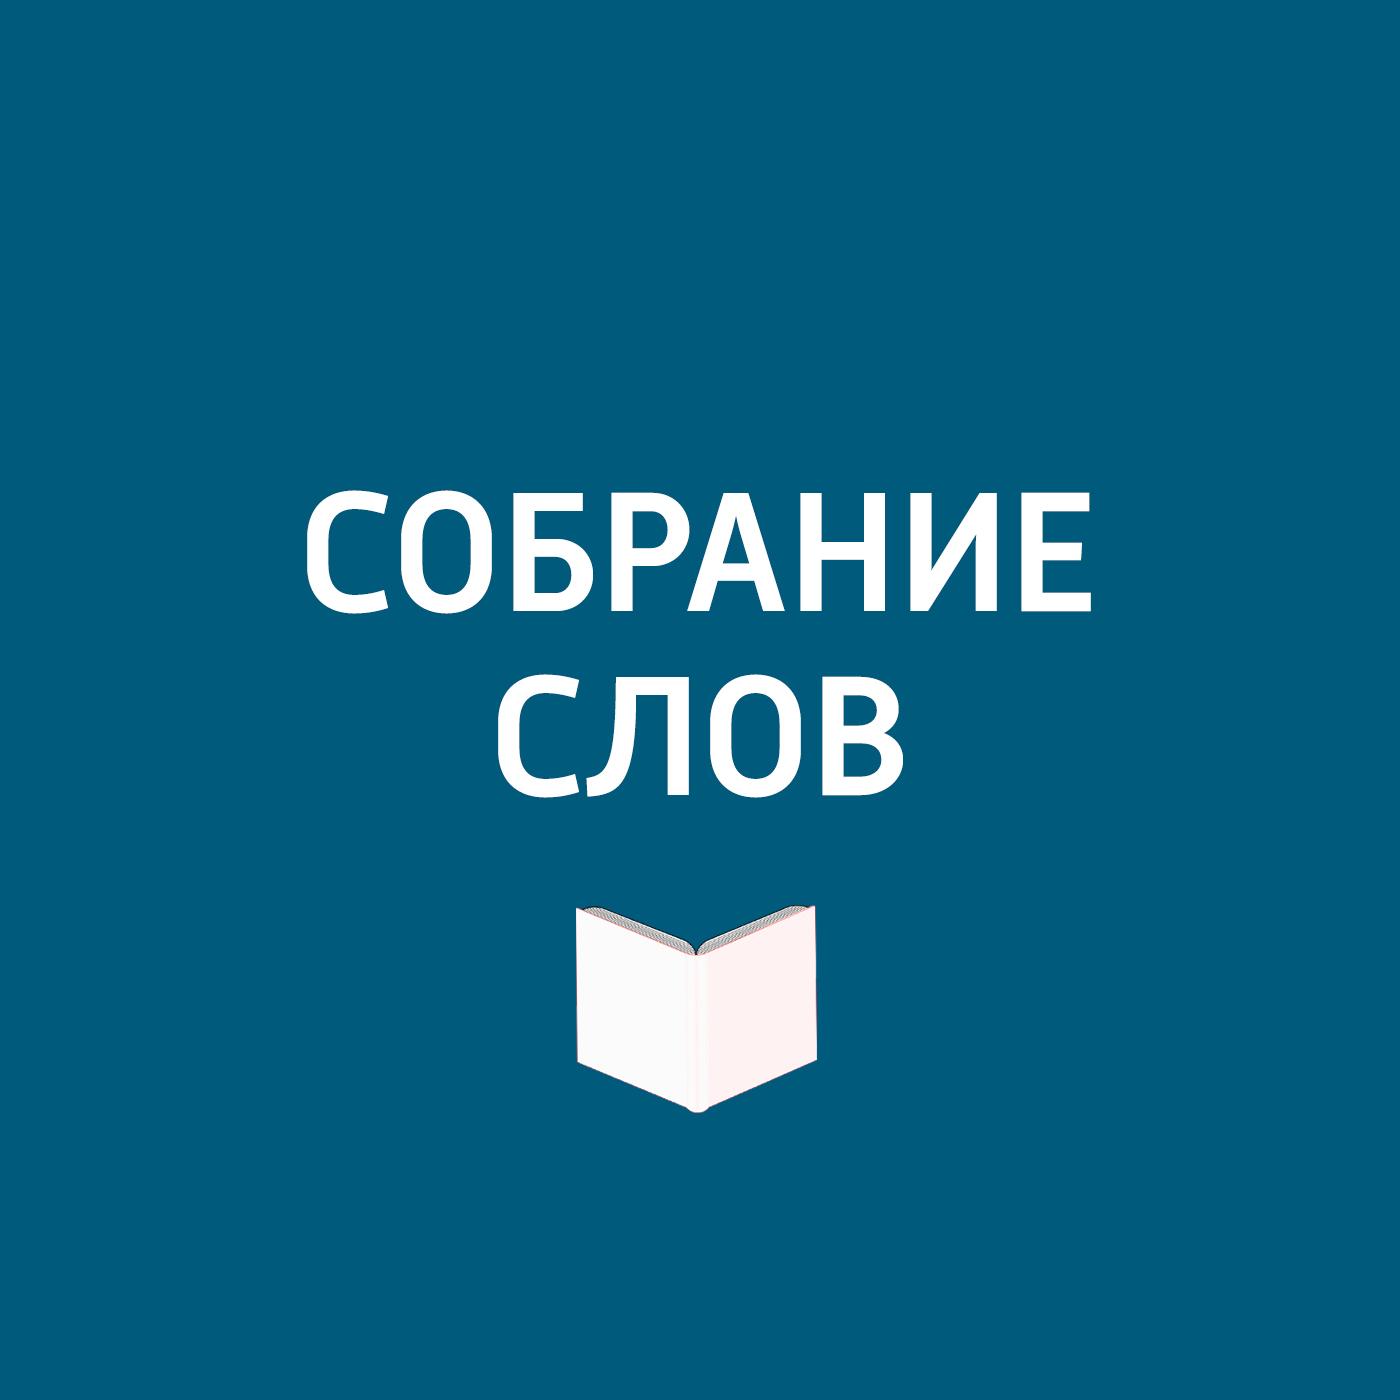 Творческий коллектив программы «Собрание слов» 13 февраля – 135 лет со дня рождения Евгения Вахтангова